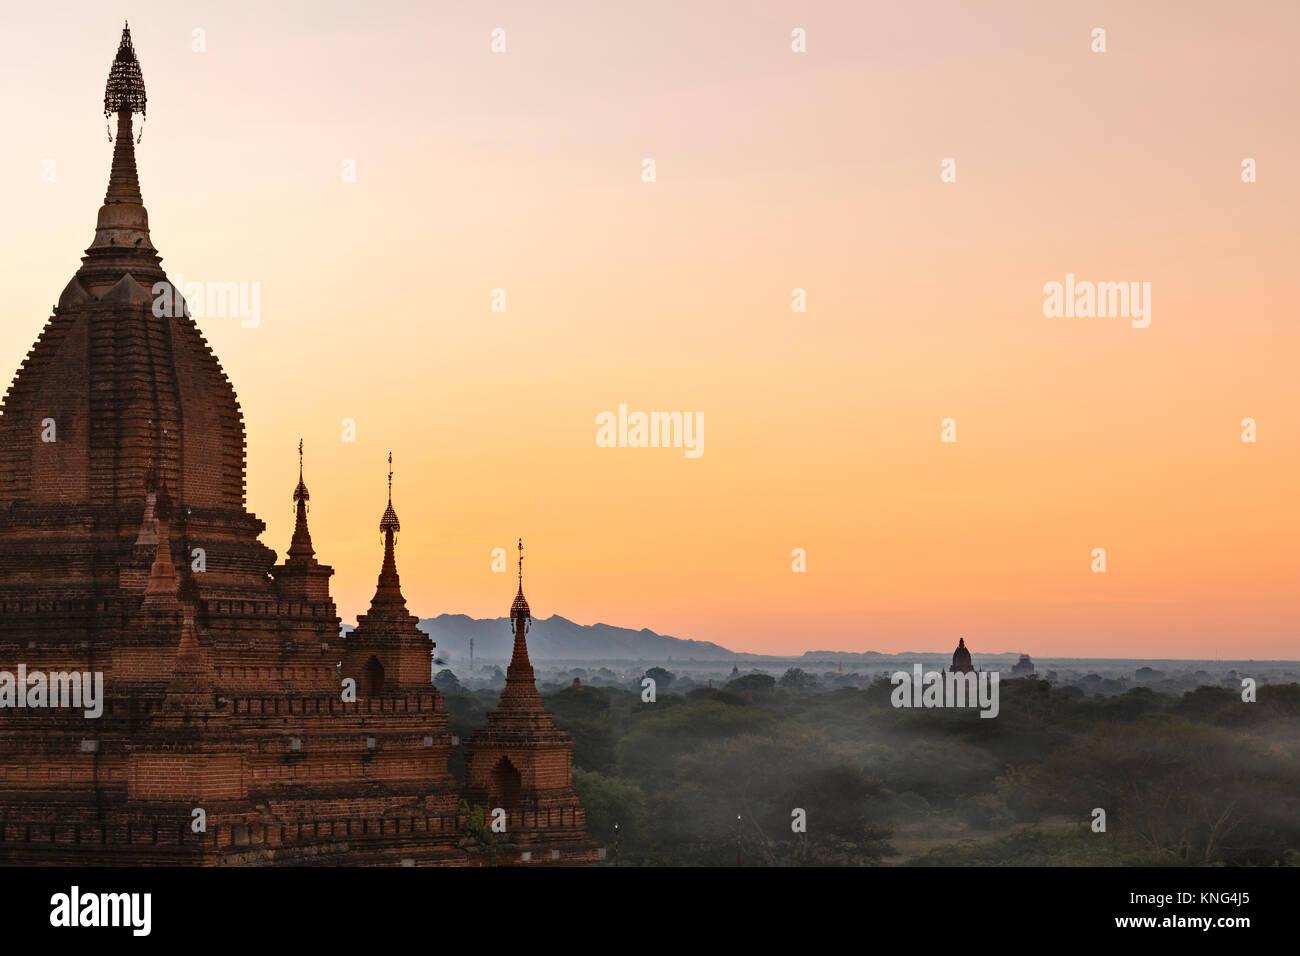 Bagan, Mandalay, Myanmar, Asia - Stock Image